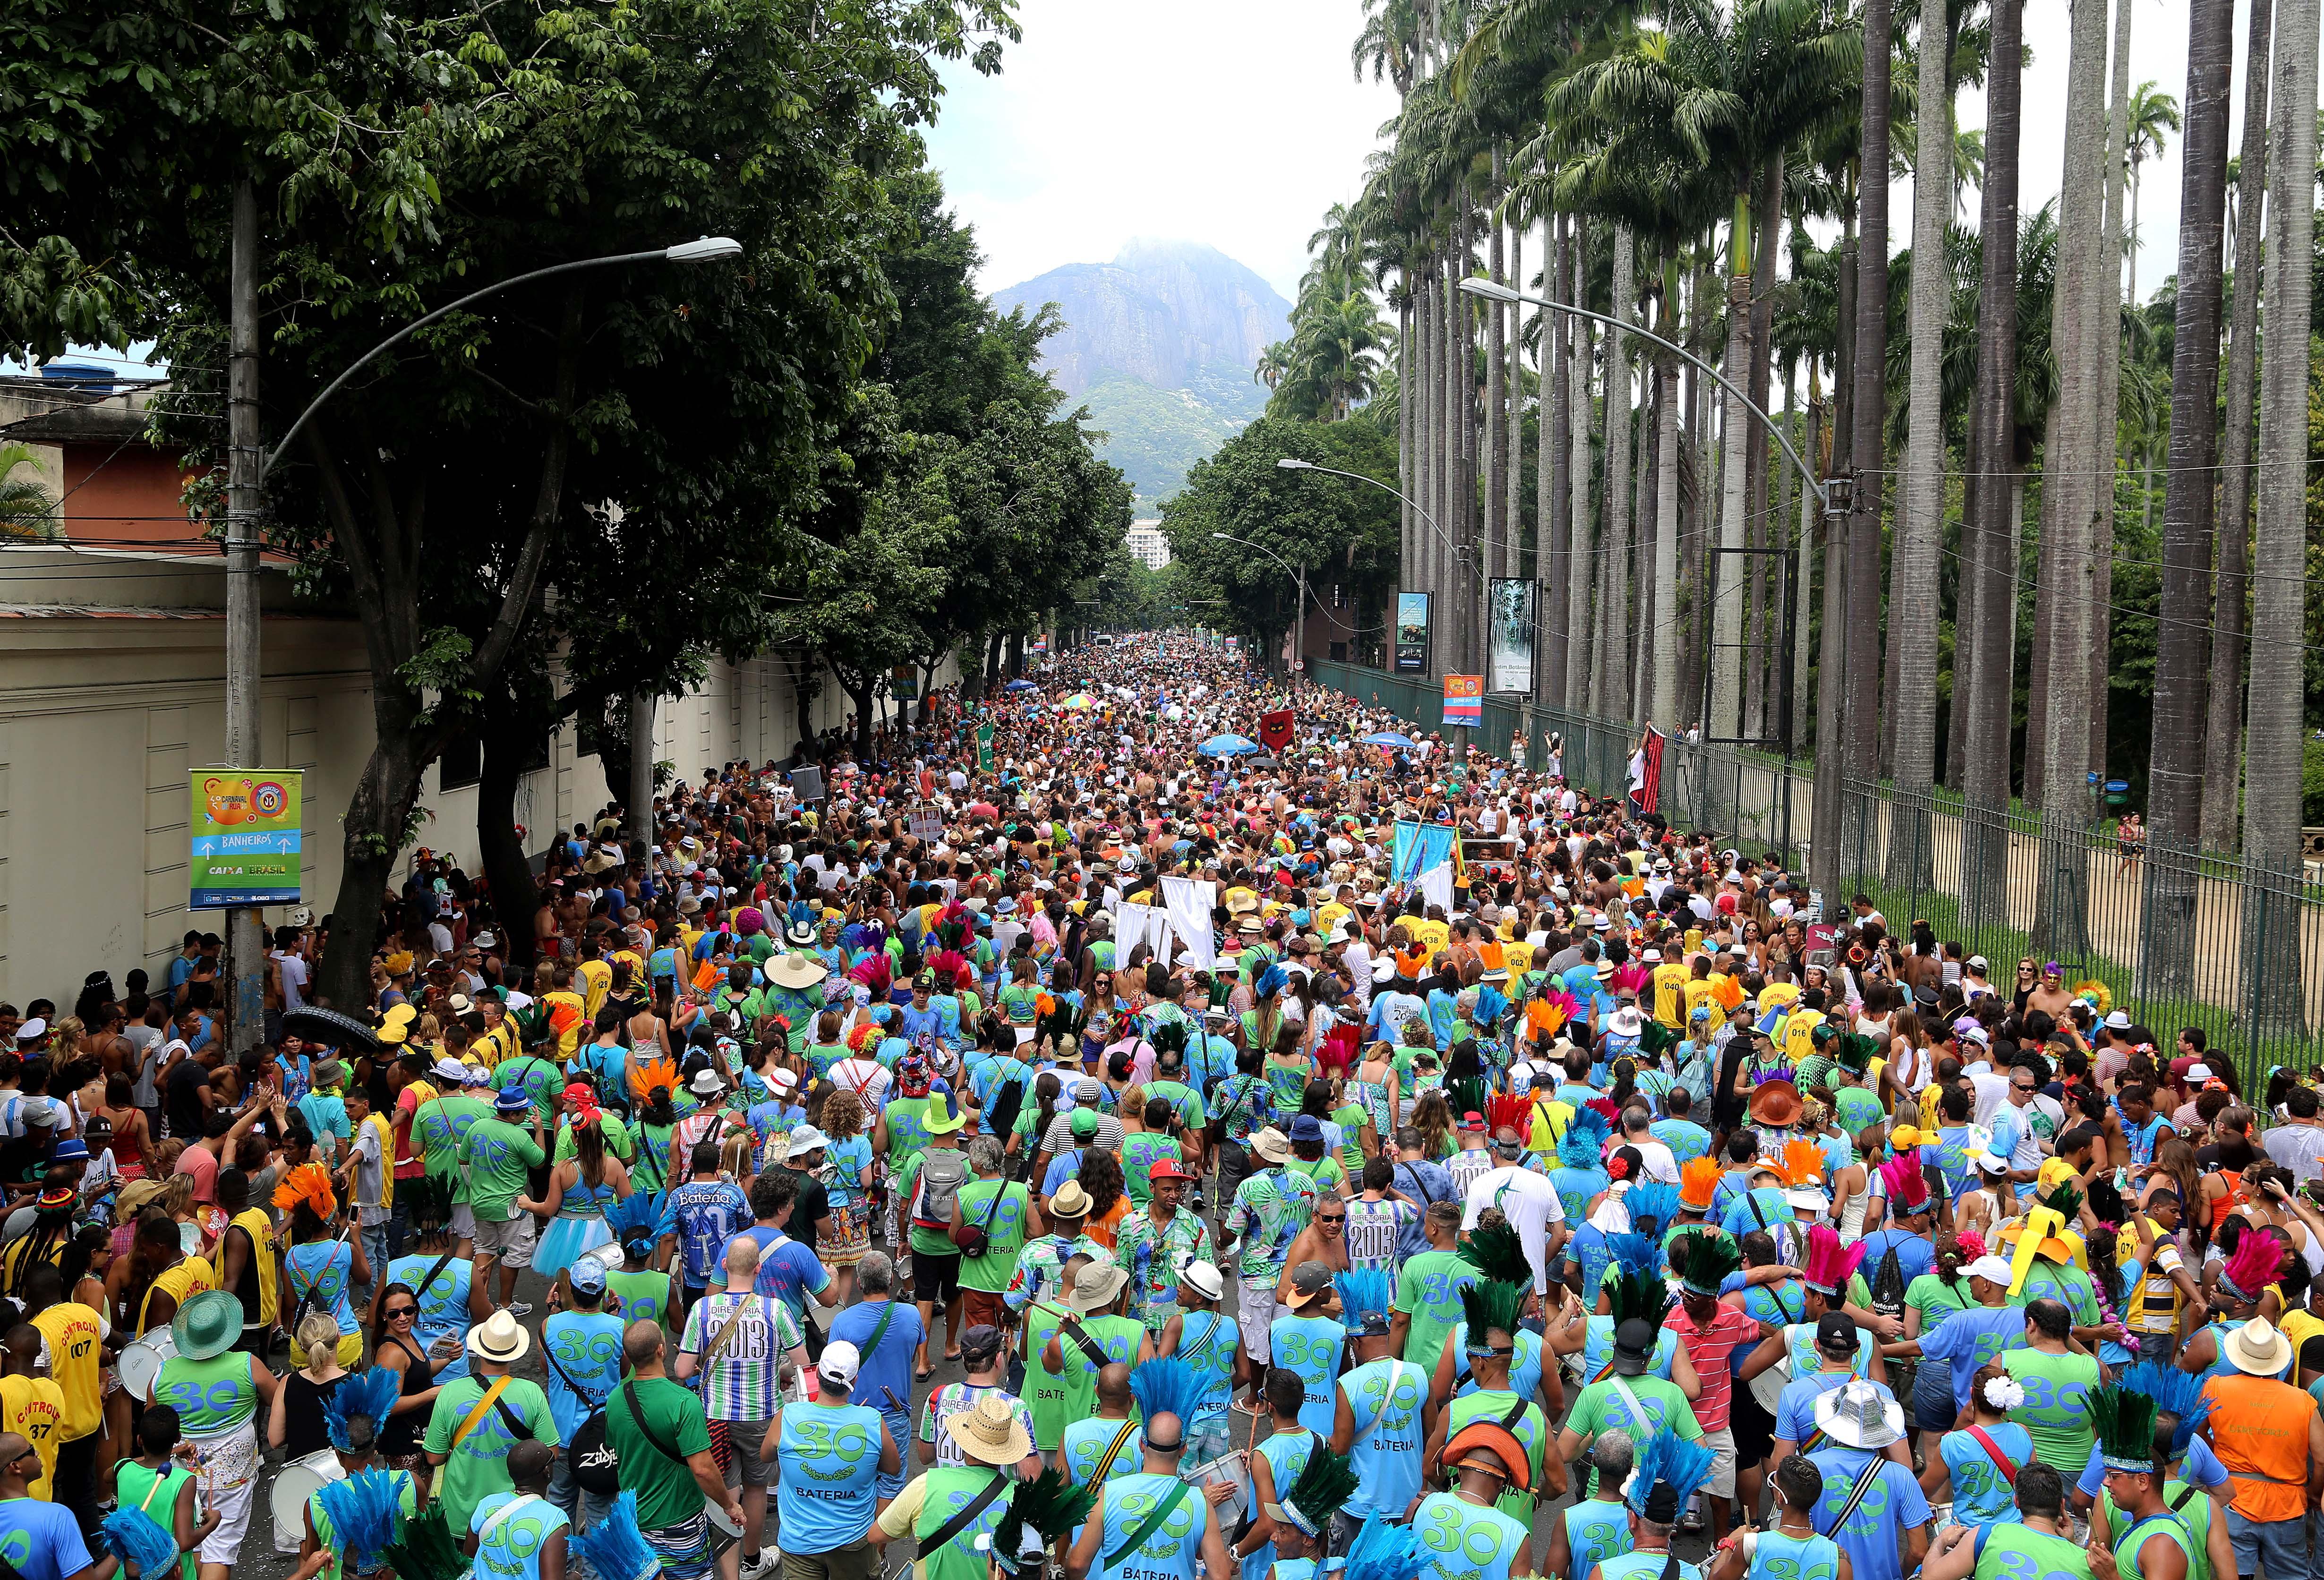 Começa a folia dos blocos de rua no Rio de Janeiro